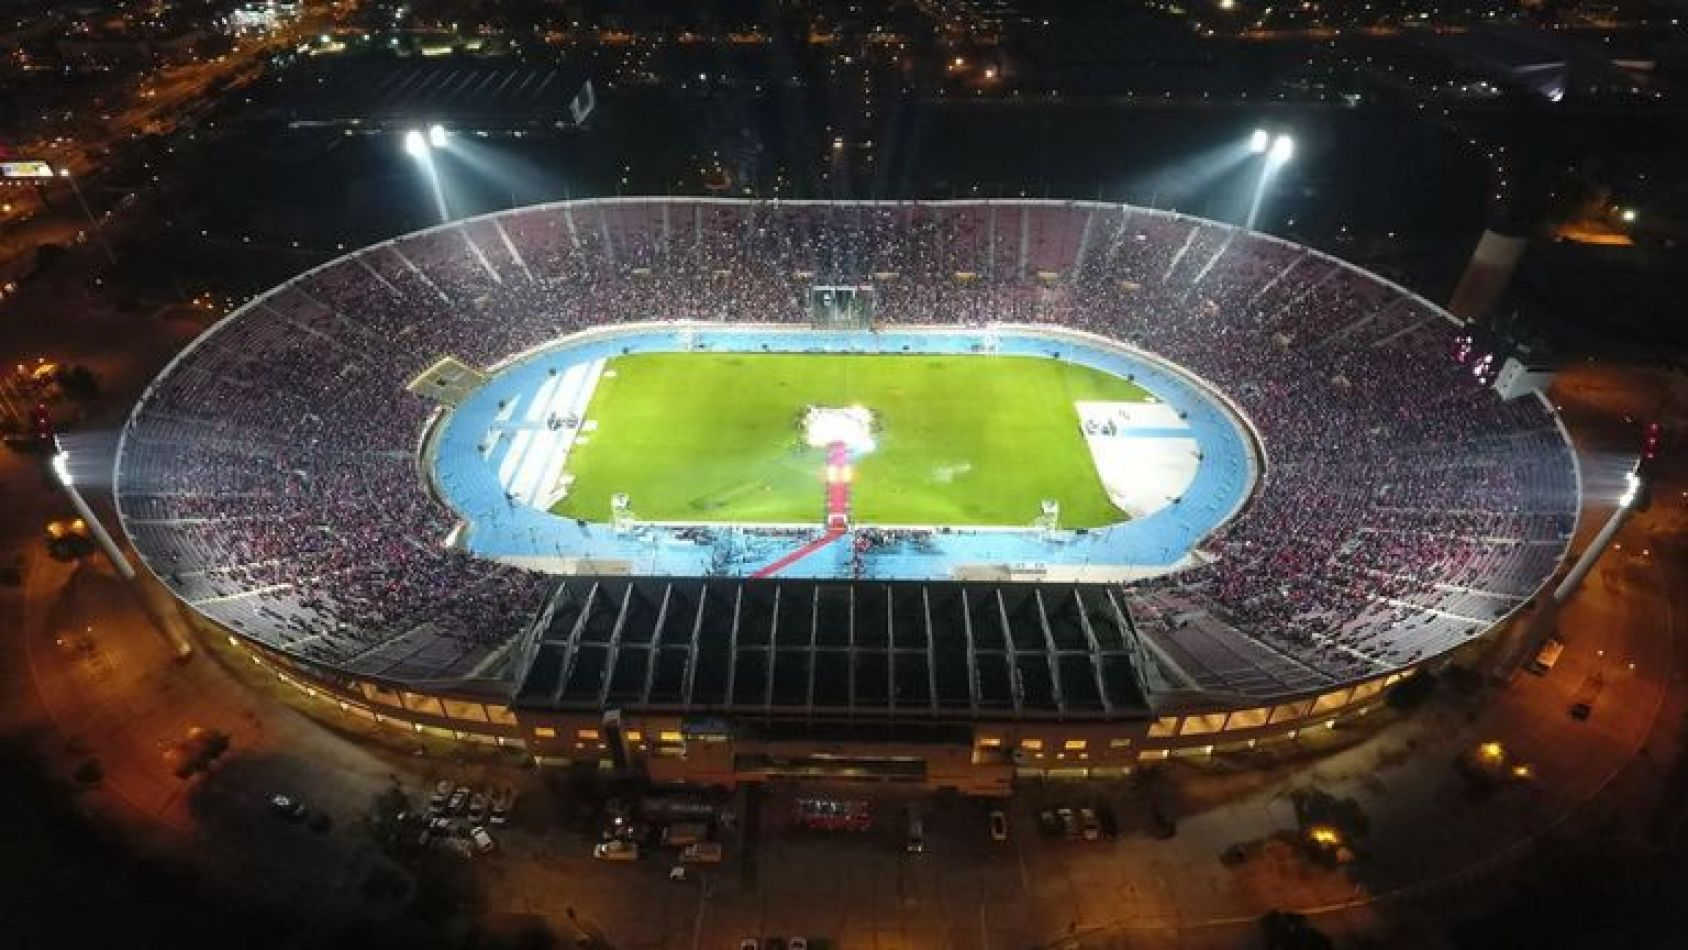 La Conmebol reconfirmó que la Copa Libertadores se jugará en Chile